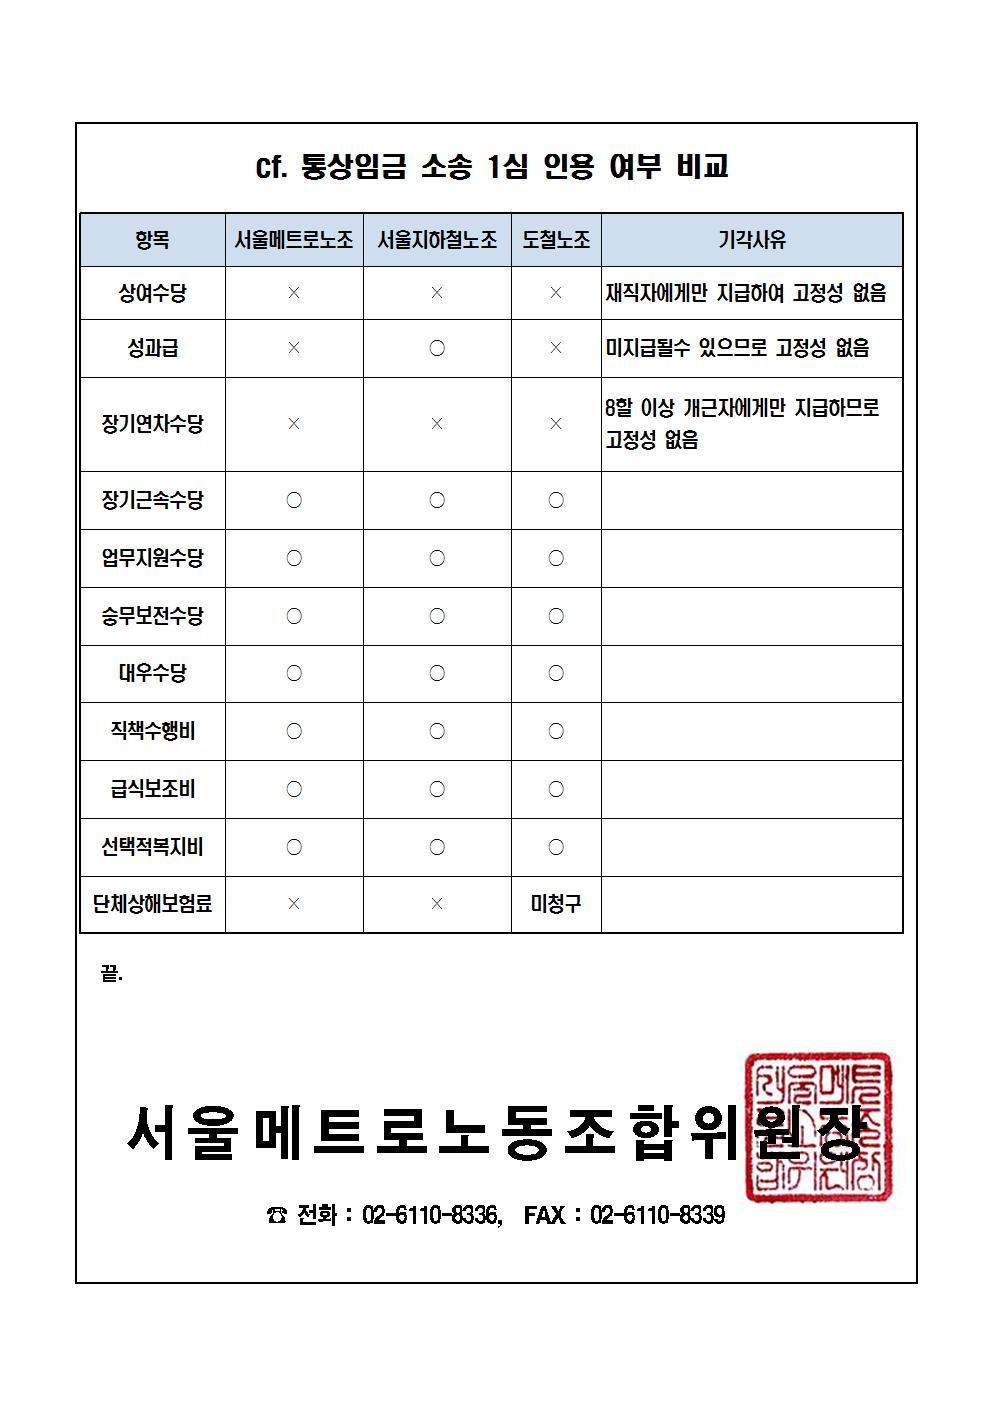 [긴급알림문16-7호]통상임금 청구 소송 1심 선고 결과 알림002.jpg